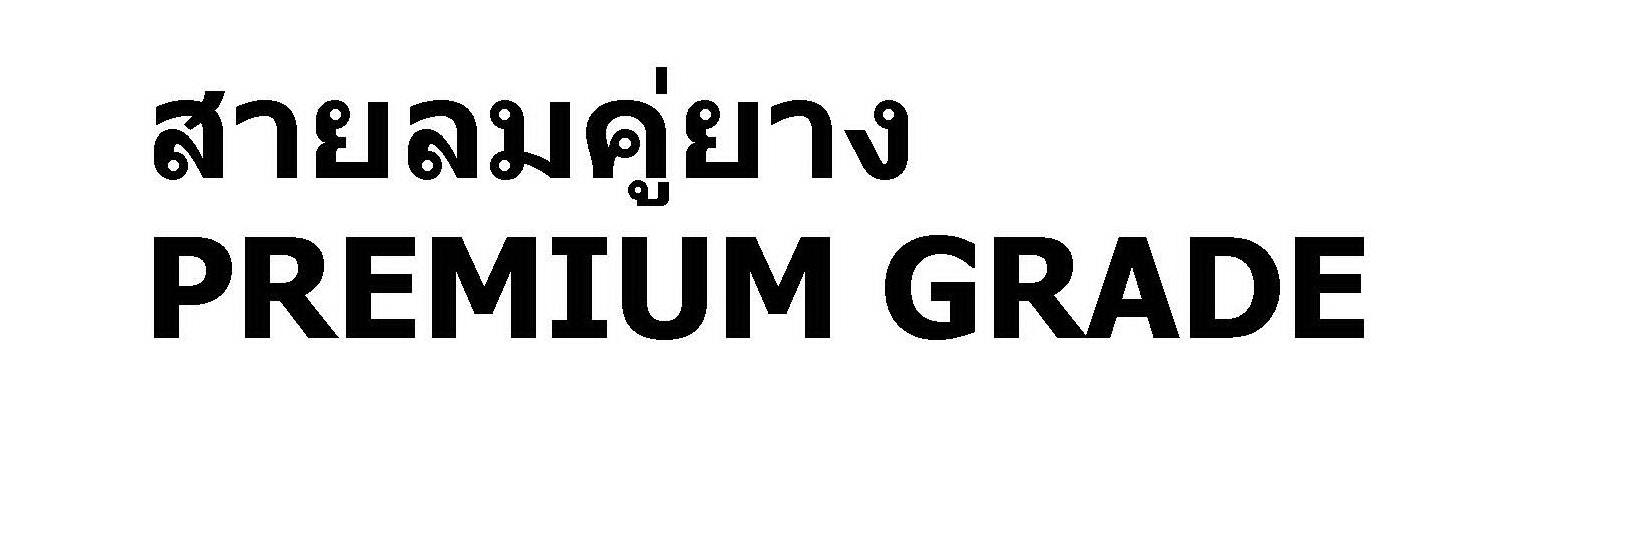 สายลมคู่TAKARA, สายเชื่อมคู่TAKARA, สายลมคู่, สายเชื่อมคู่ (Twin Welding Hose Premium Grad)